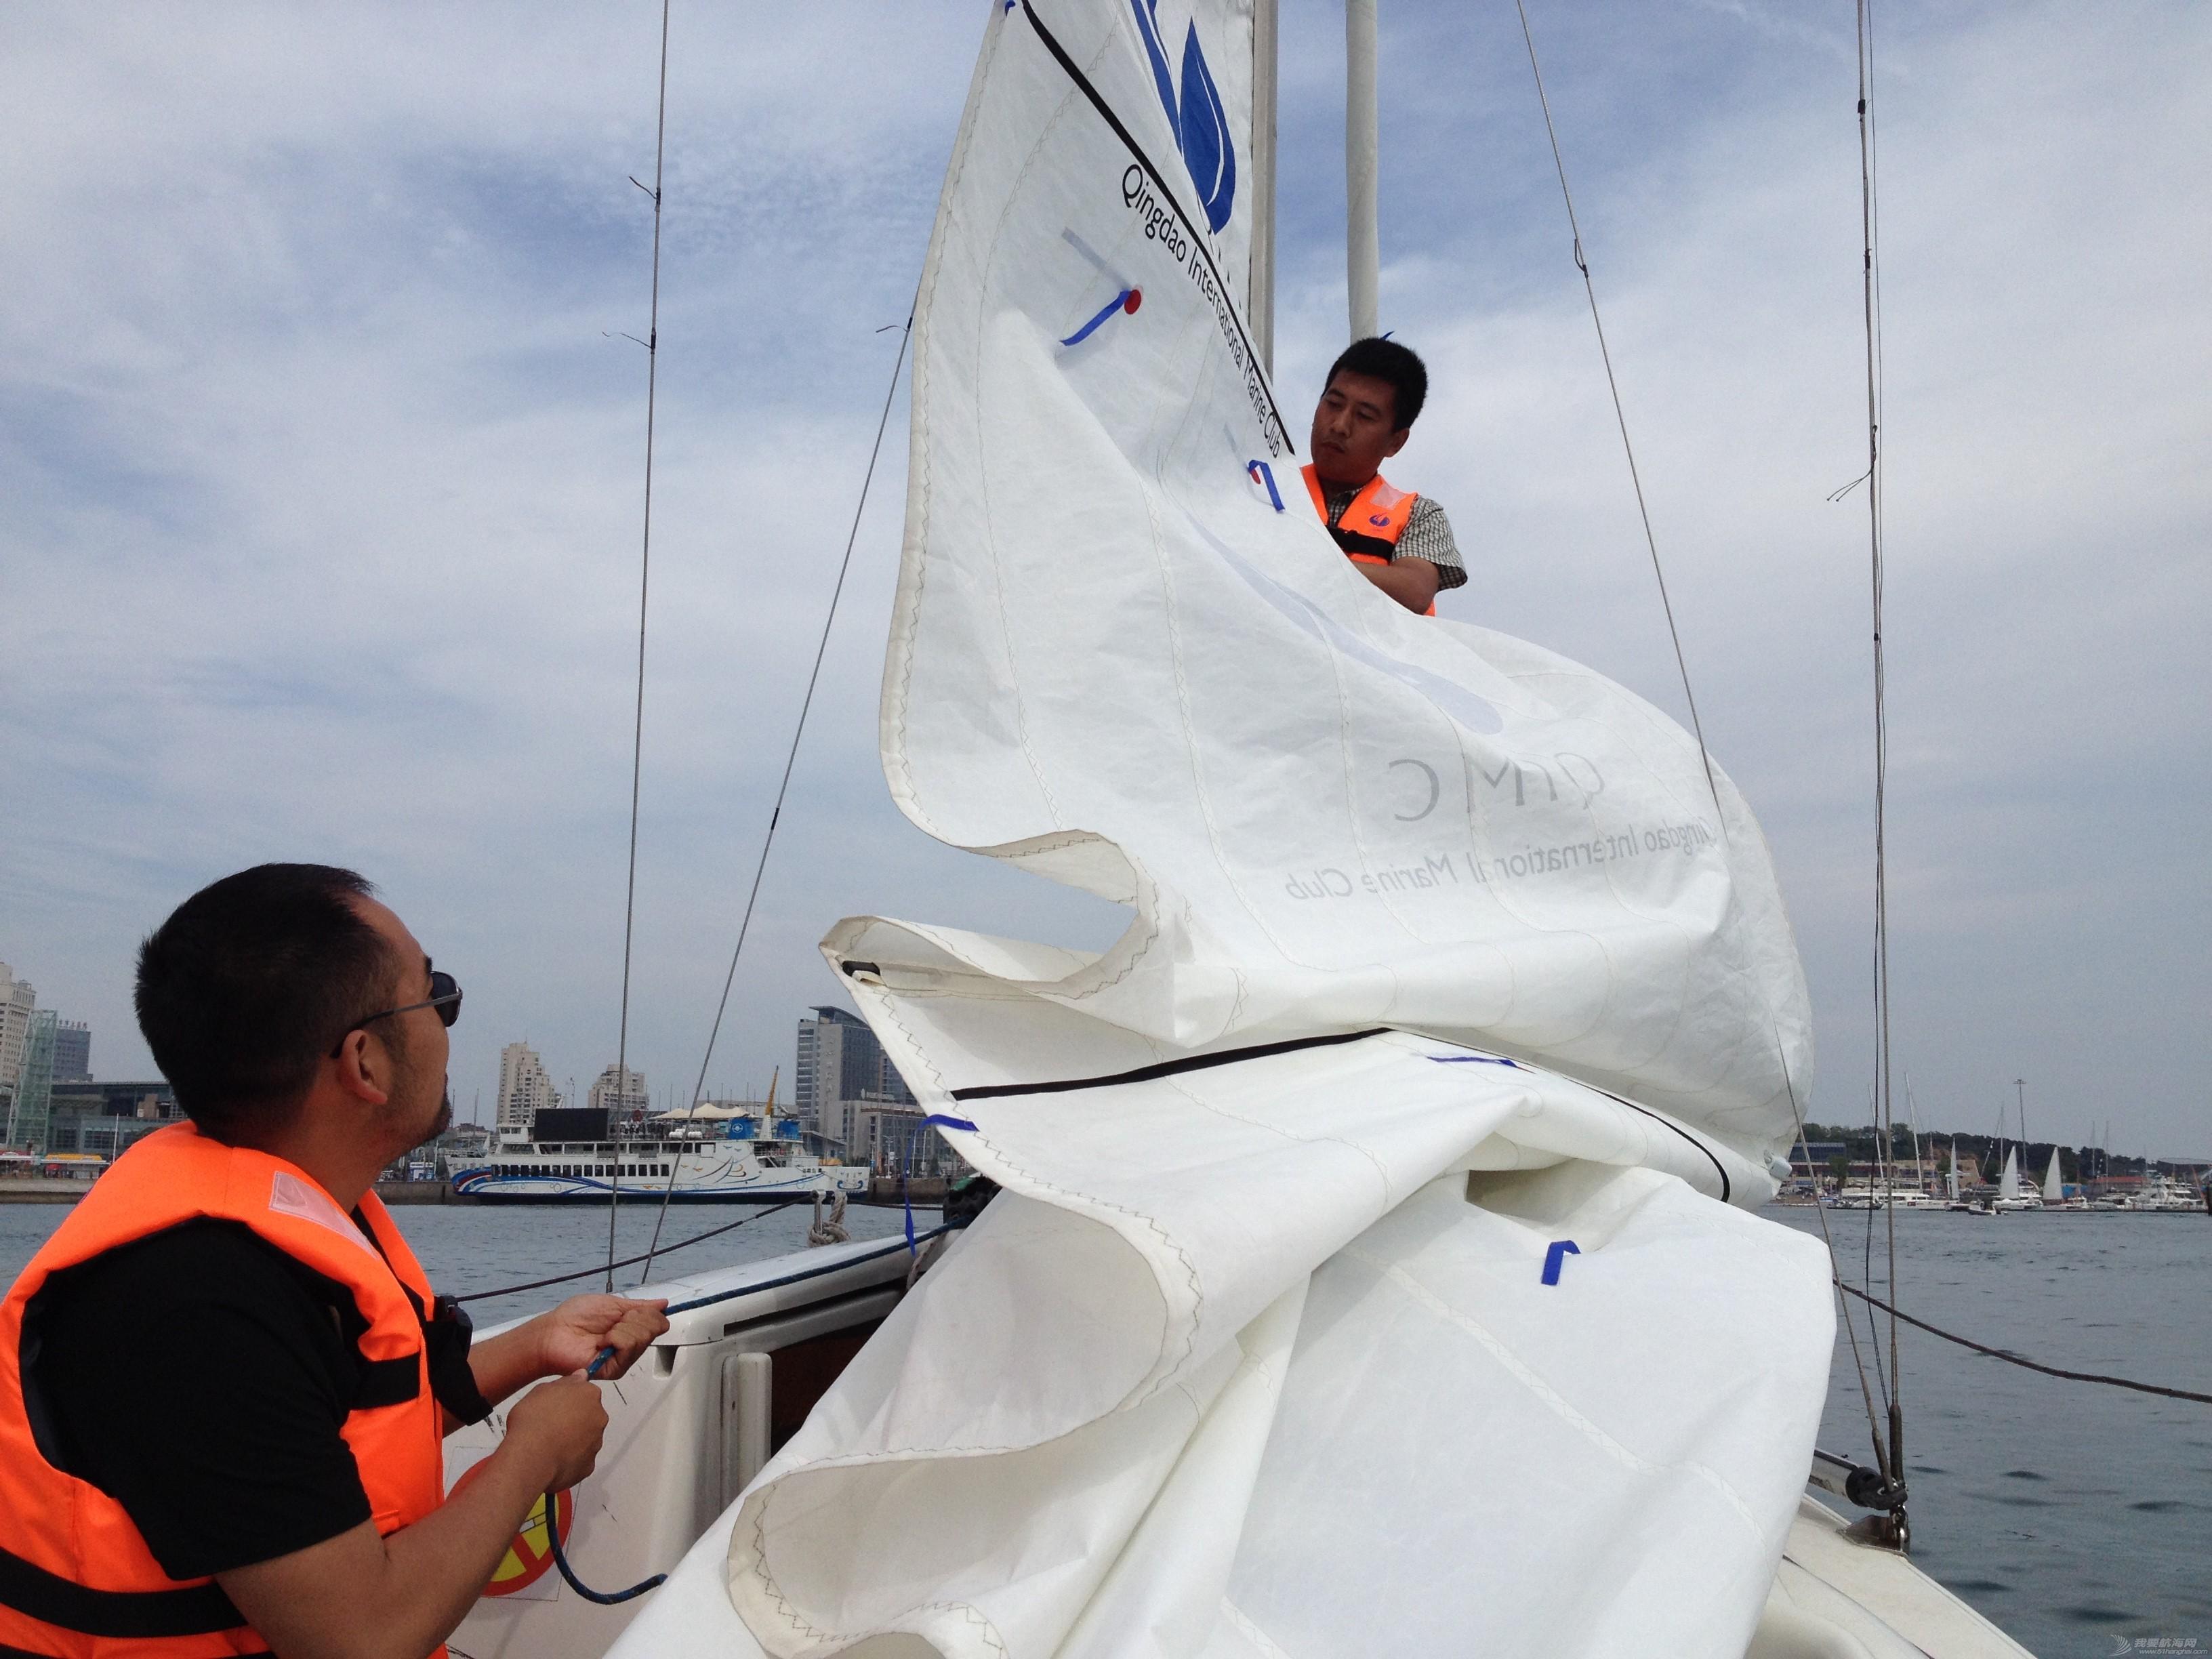 玩儿帆船是一种生活方式 IMG_9240.JPG